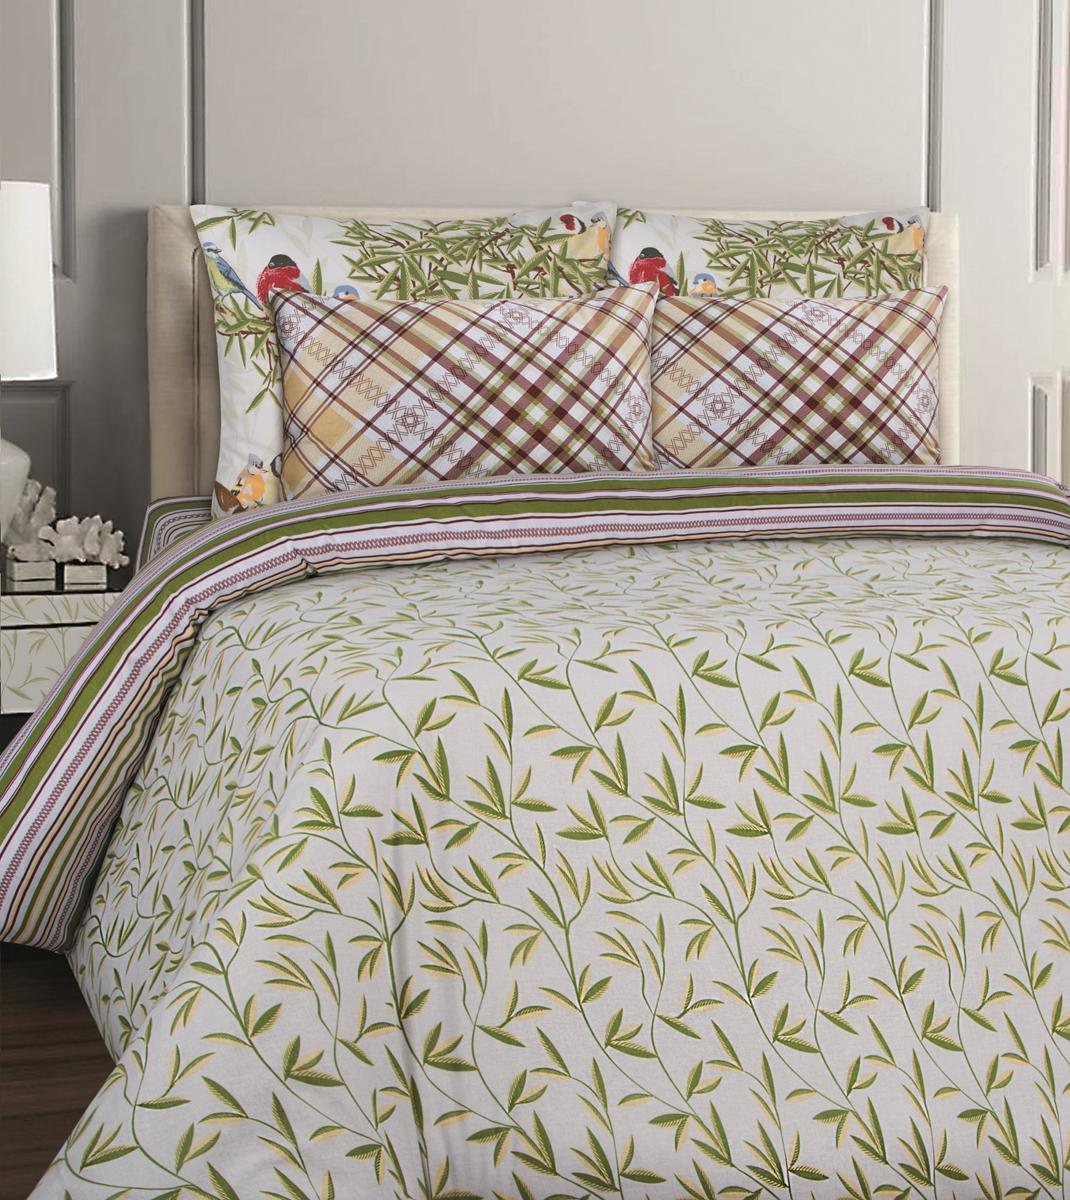 Комплект белья Mona Liza British Essex, 2-спальный, наволочки 70x70. 552203-76 комплекты белья